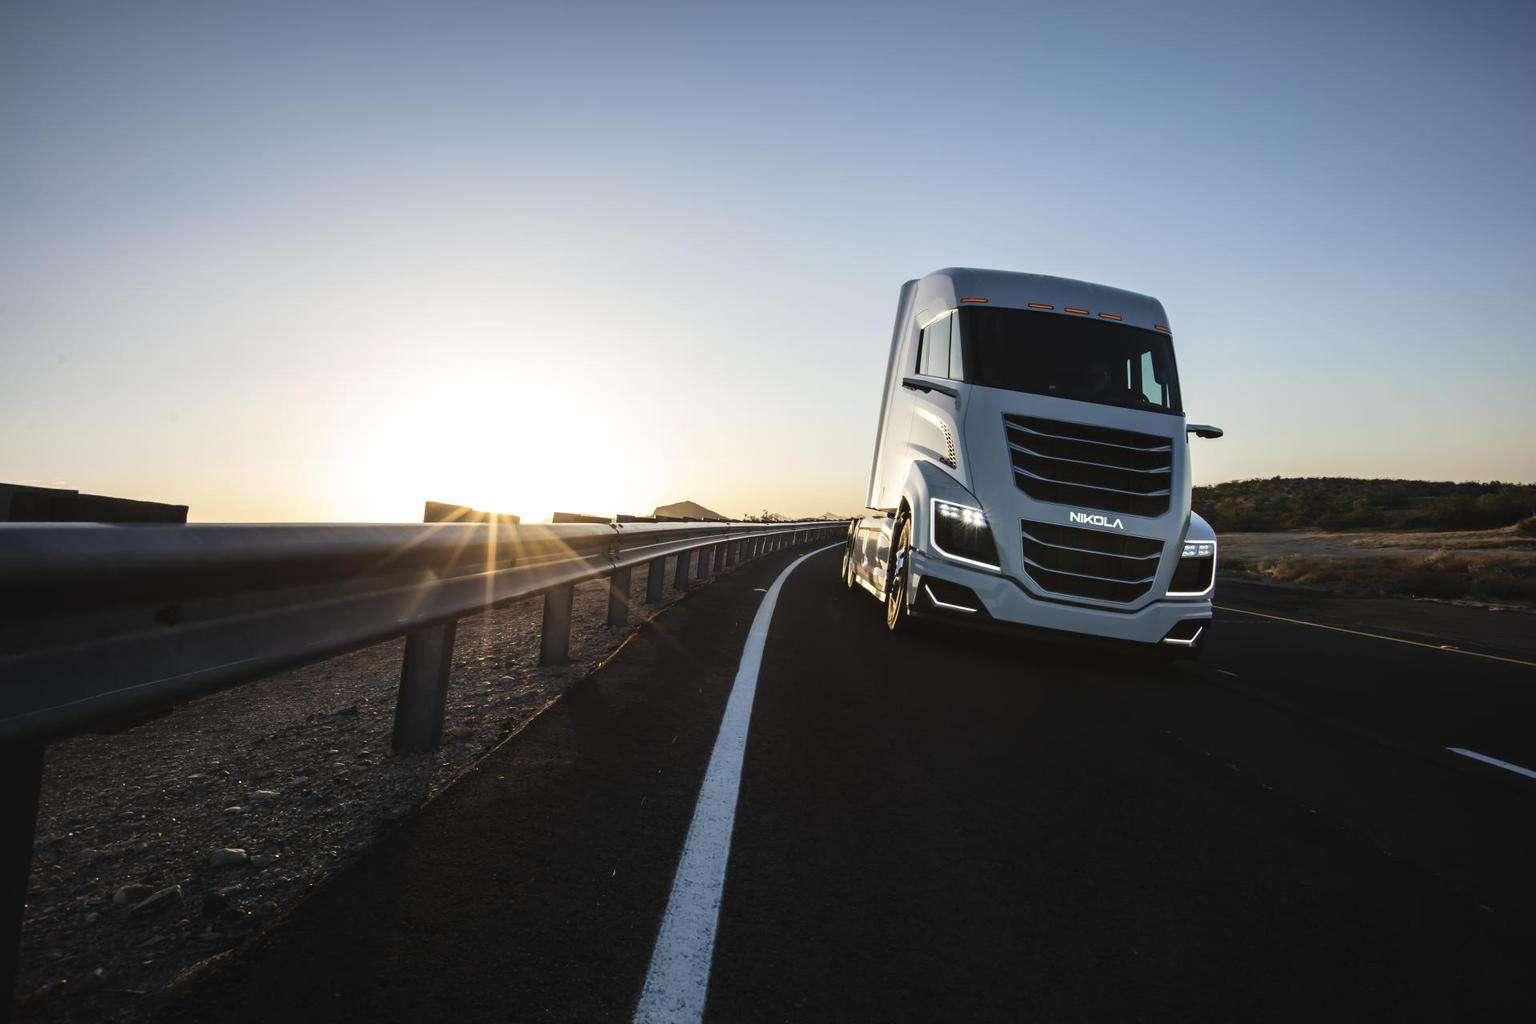 Wie Nikola im emissionsfreien Transport eine weltweite Führungsrolle übernehmen will